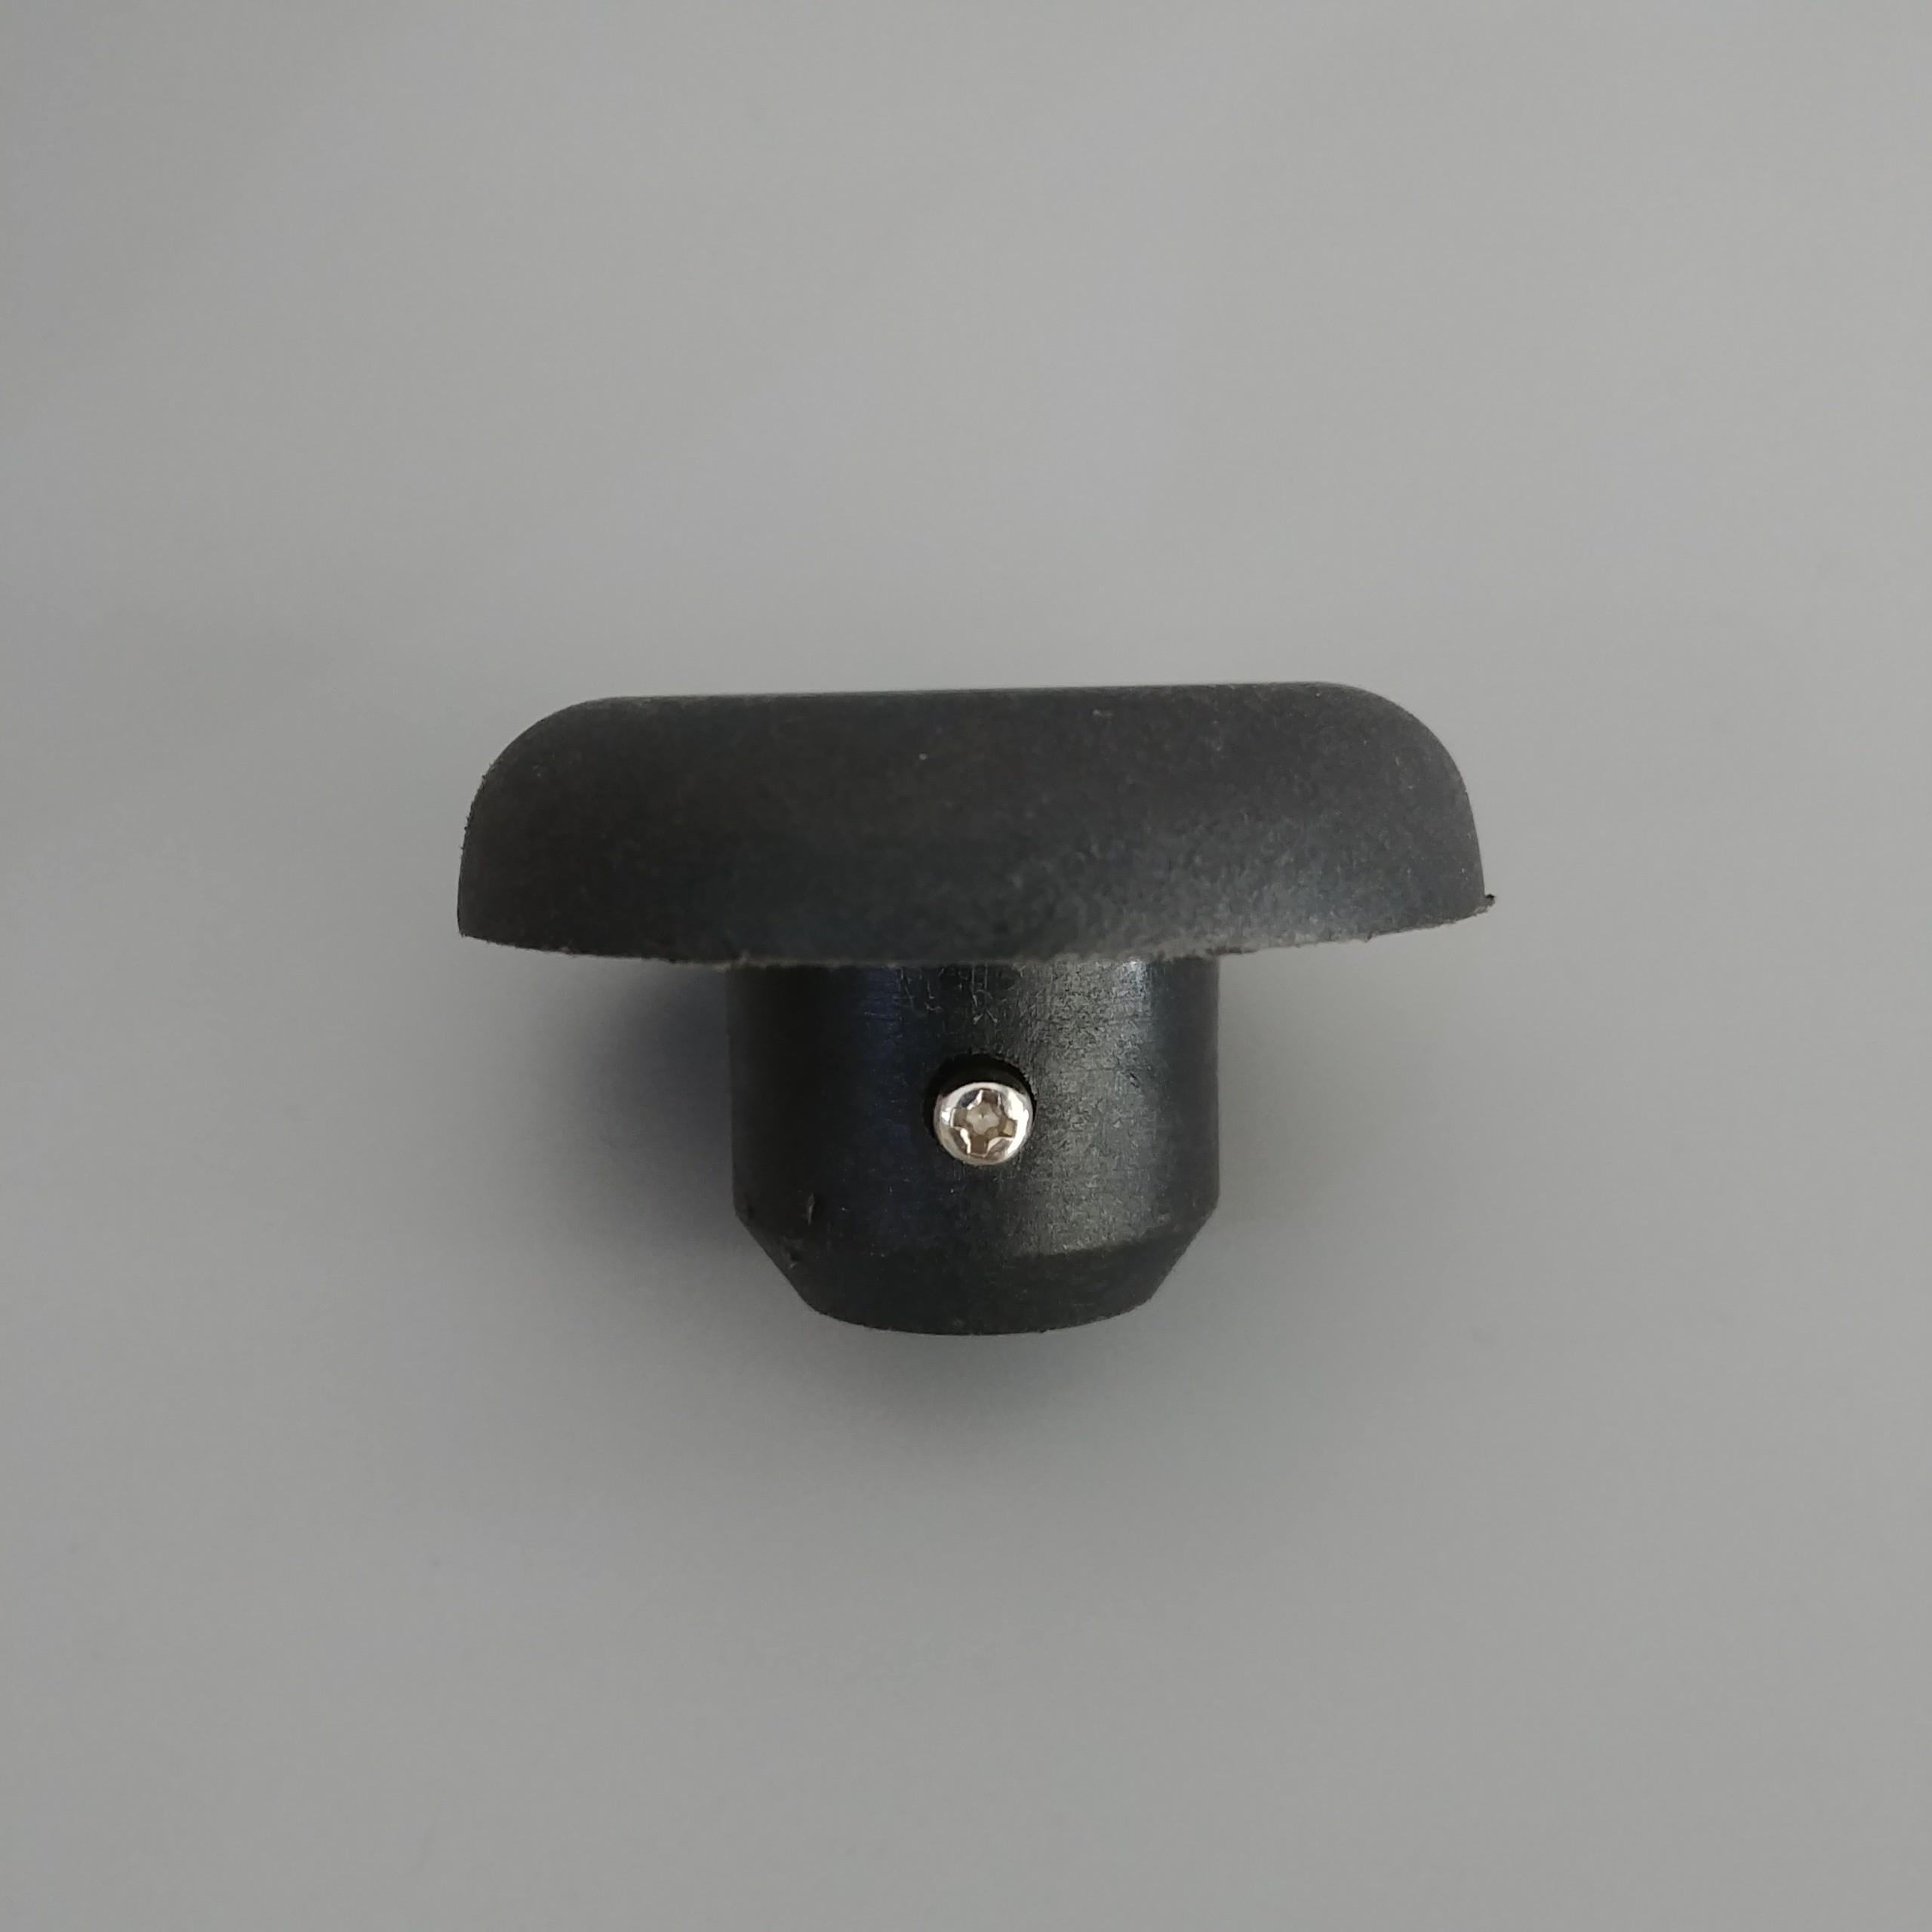 Nhông 10mm vít cạnh dùng cho máy xay sinh tố Omniblend JTC